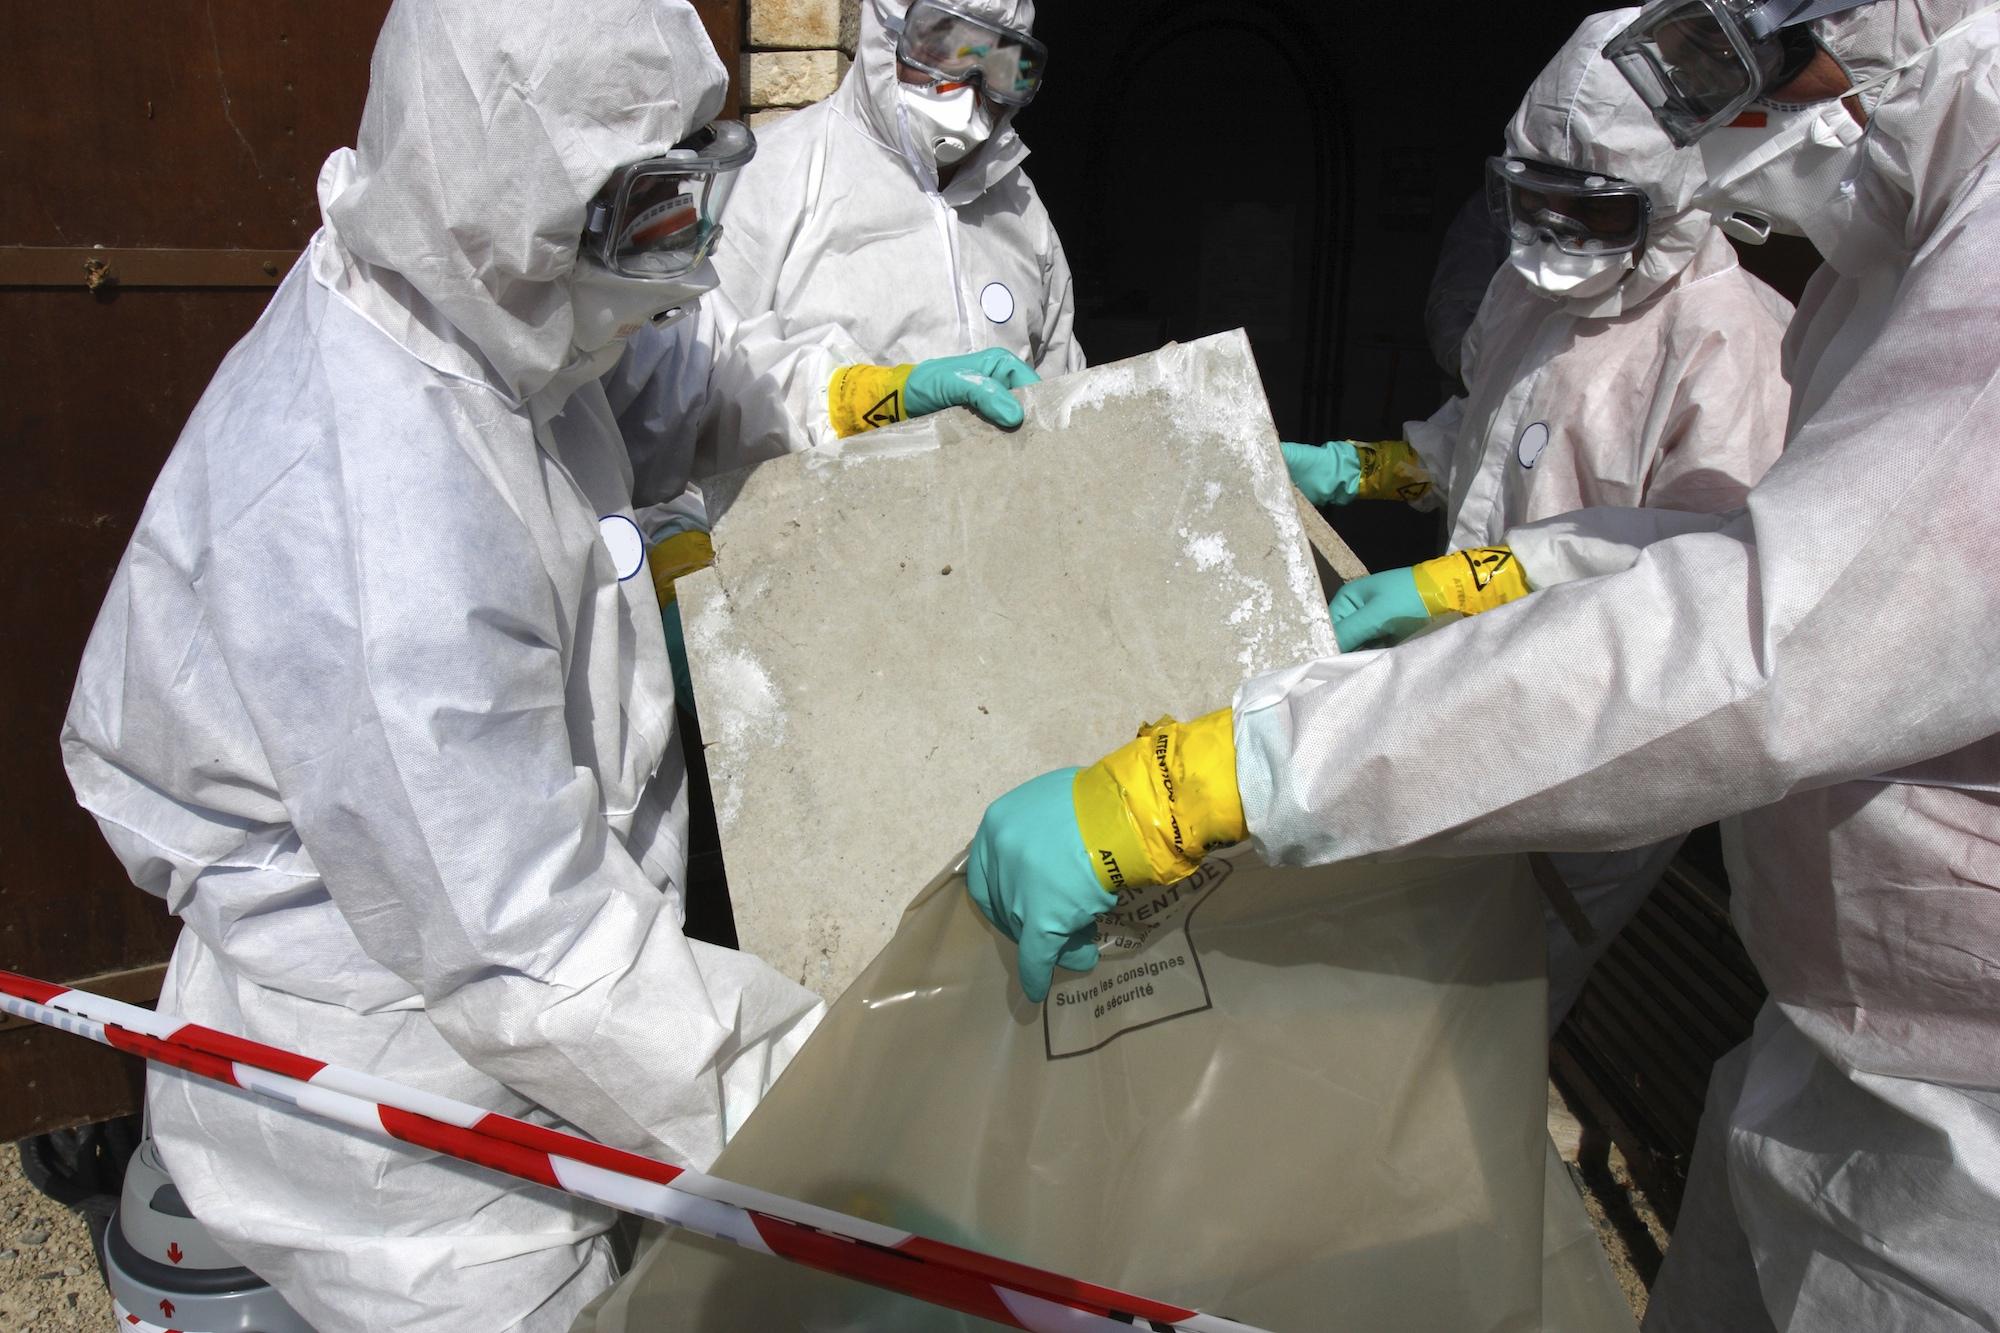 Asbestos Removal - BLS Asbestos